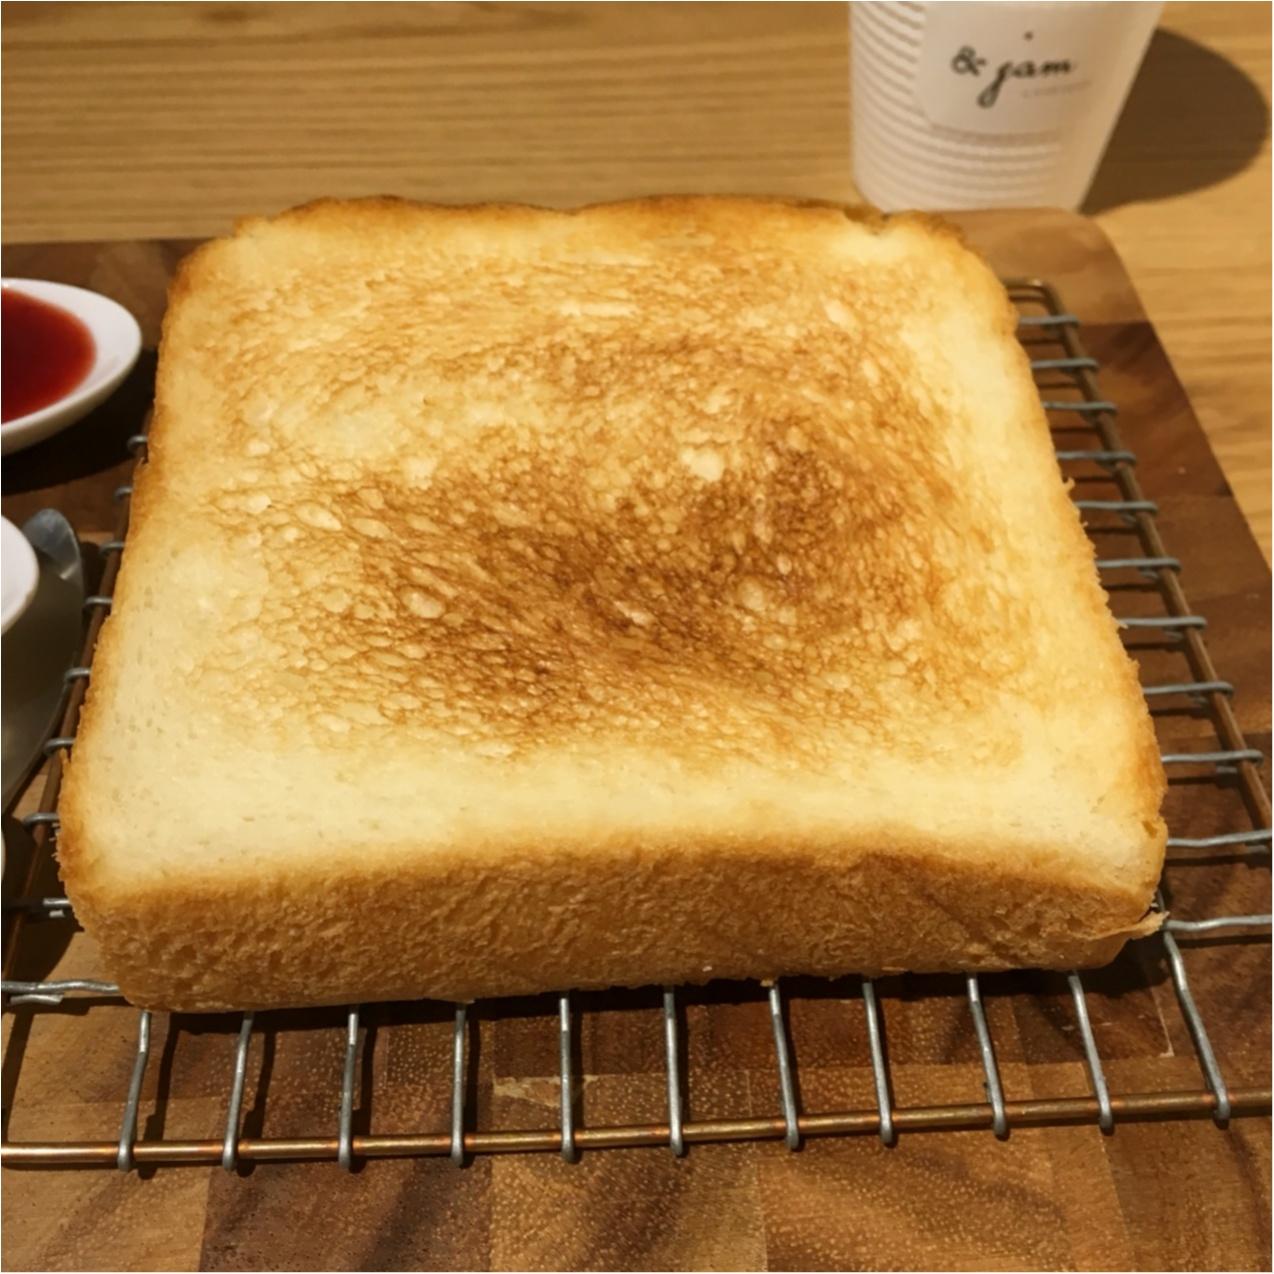 「まるで宝石のよう」16種類のジャムが絶品♡高級食パンとジャムが楽しめるカフェ《& jam(アンドジャム)》に行ってきました♡♡_6